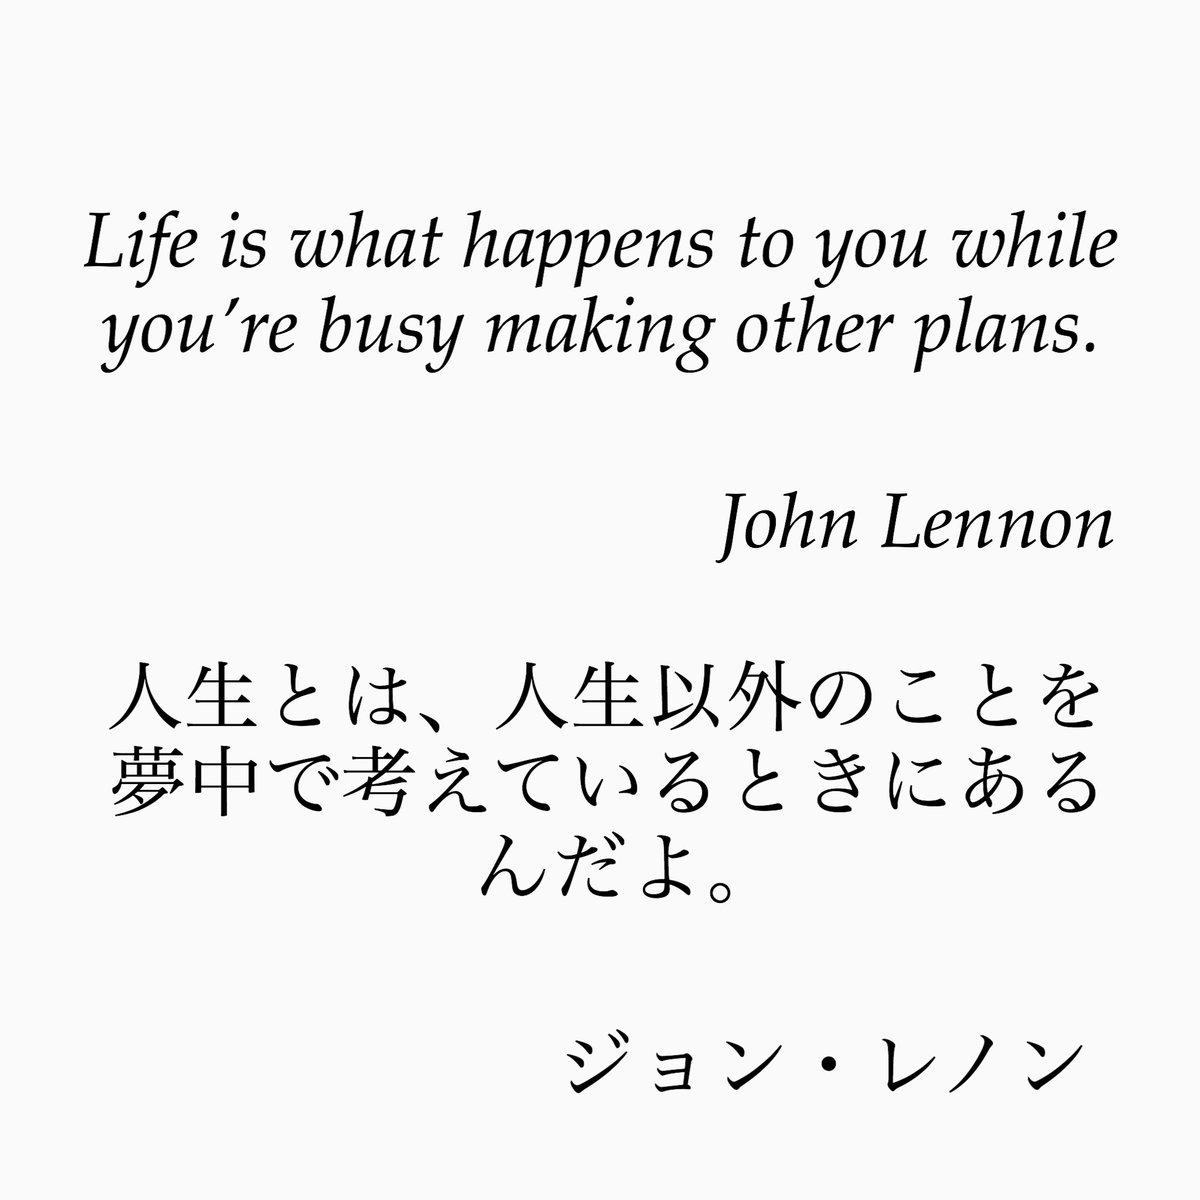 レノン 名言 ジョン